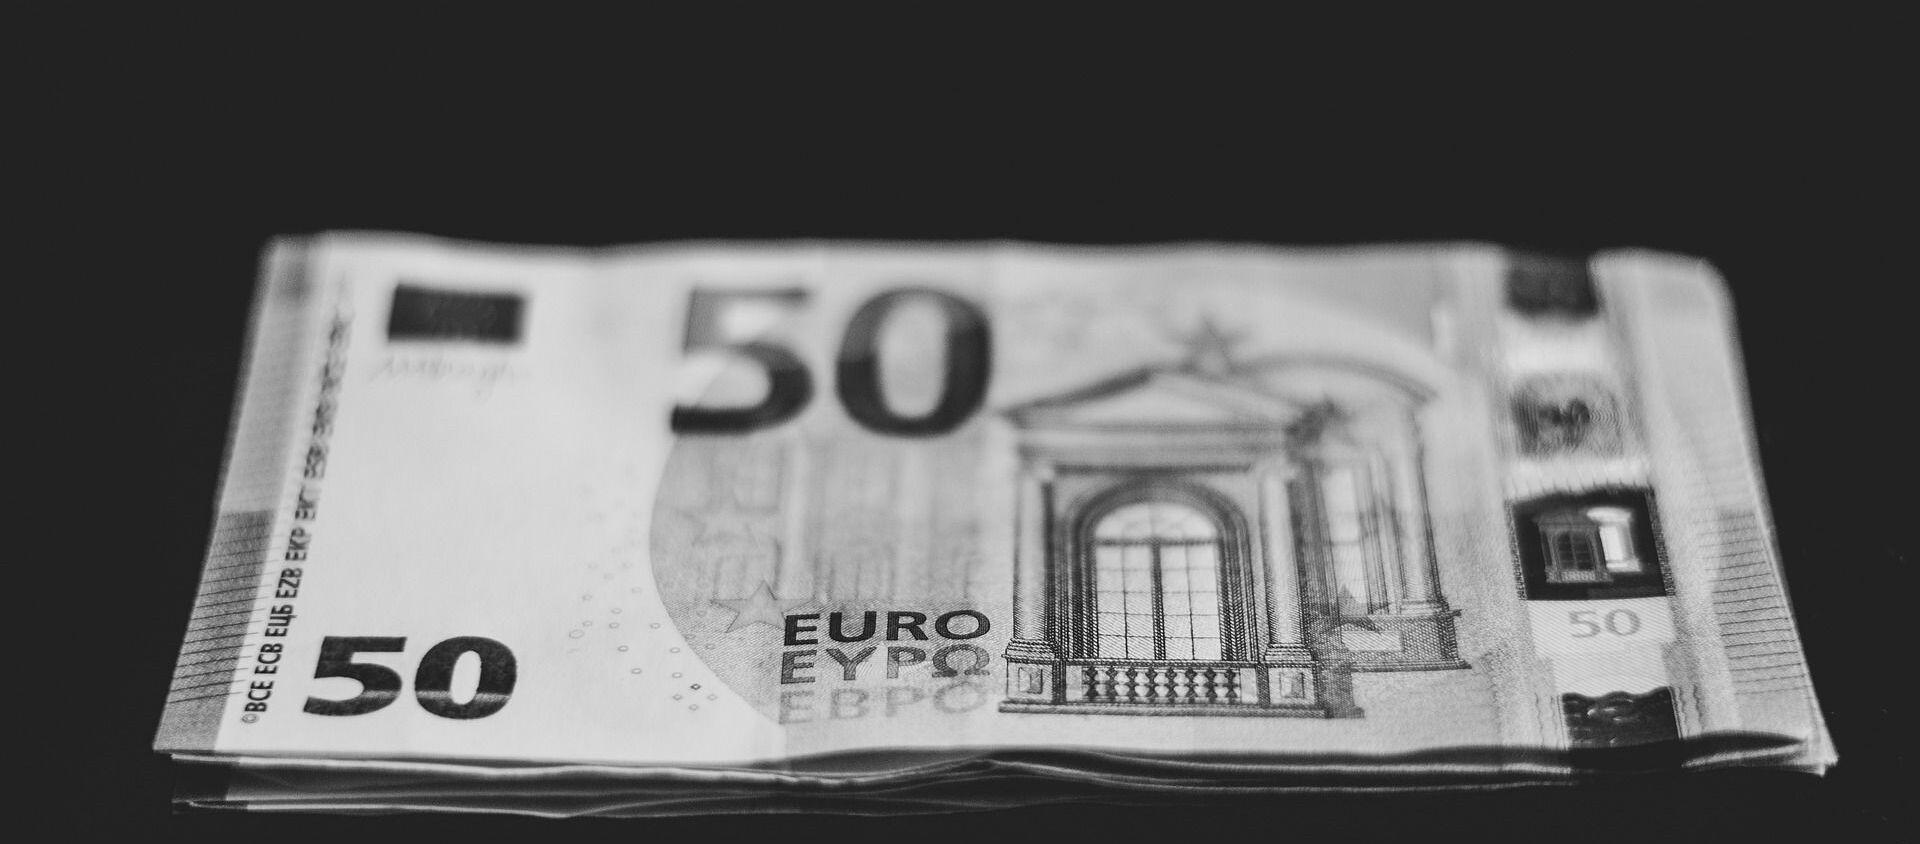 Euros - Sputnik France, 1920, 25.04.2020